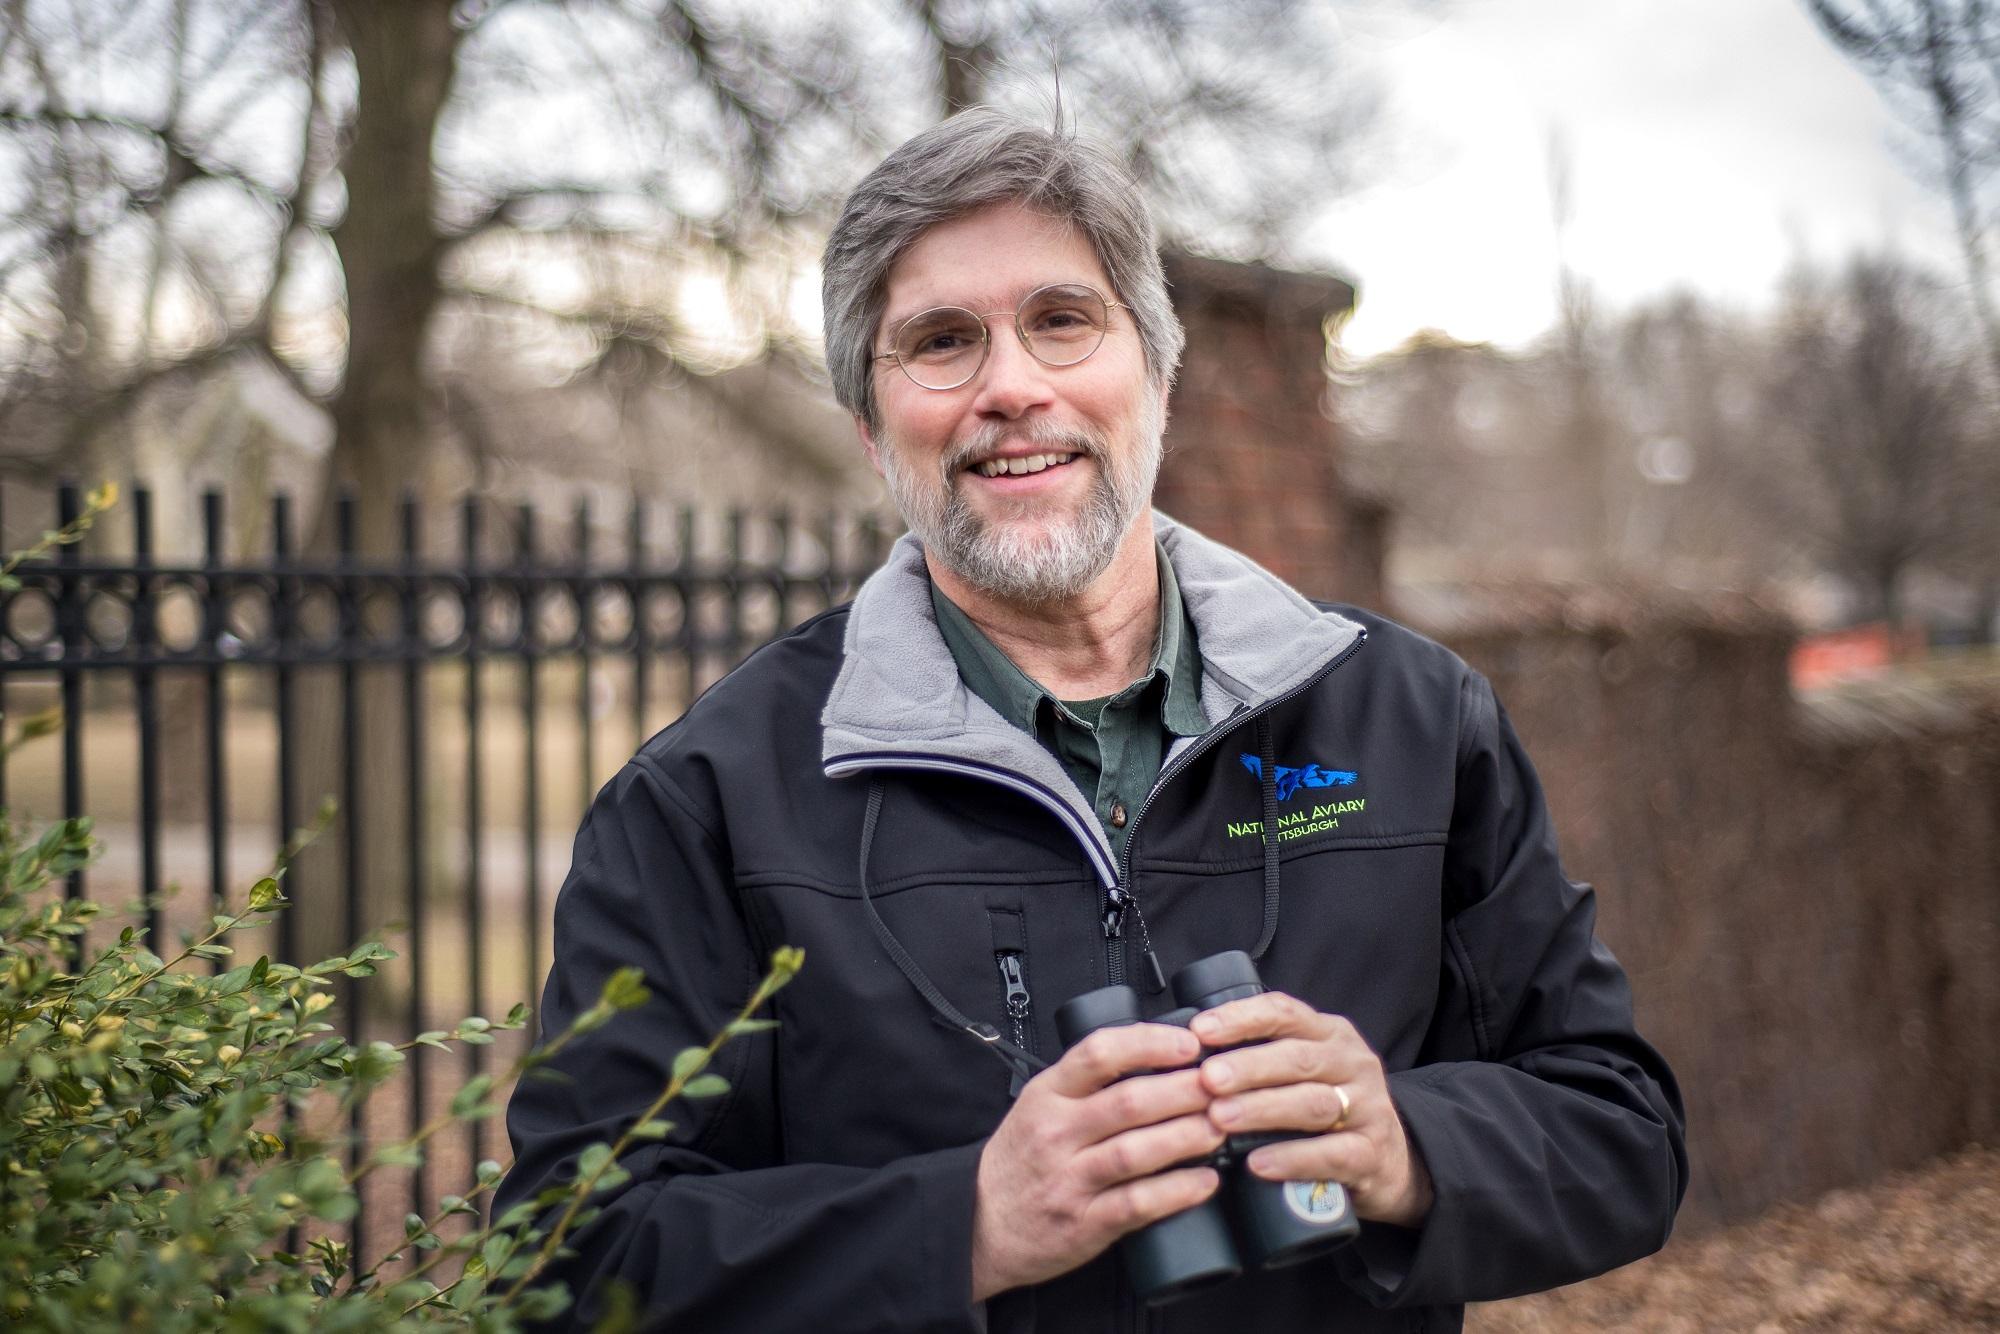 National Aviary Ornithologist Bob Mulvihill smiling holding binoculars